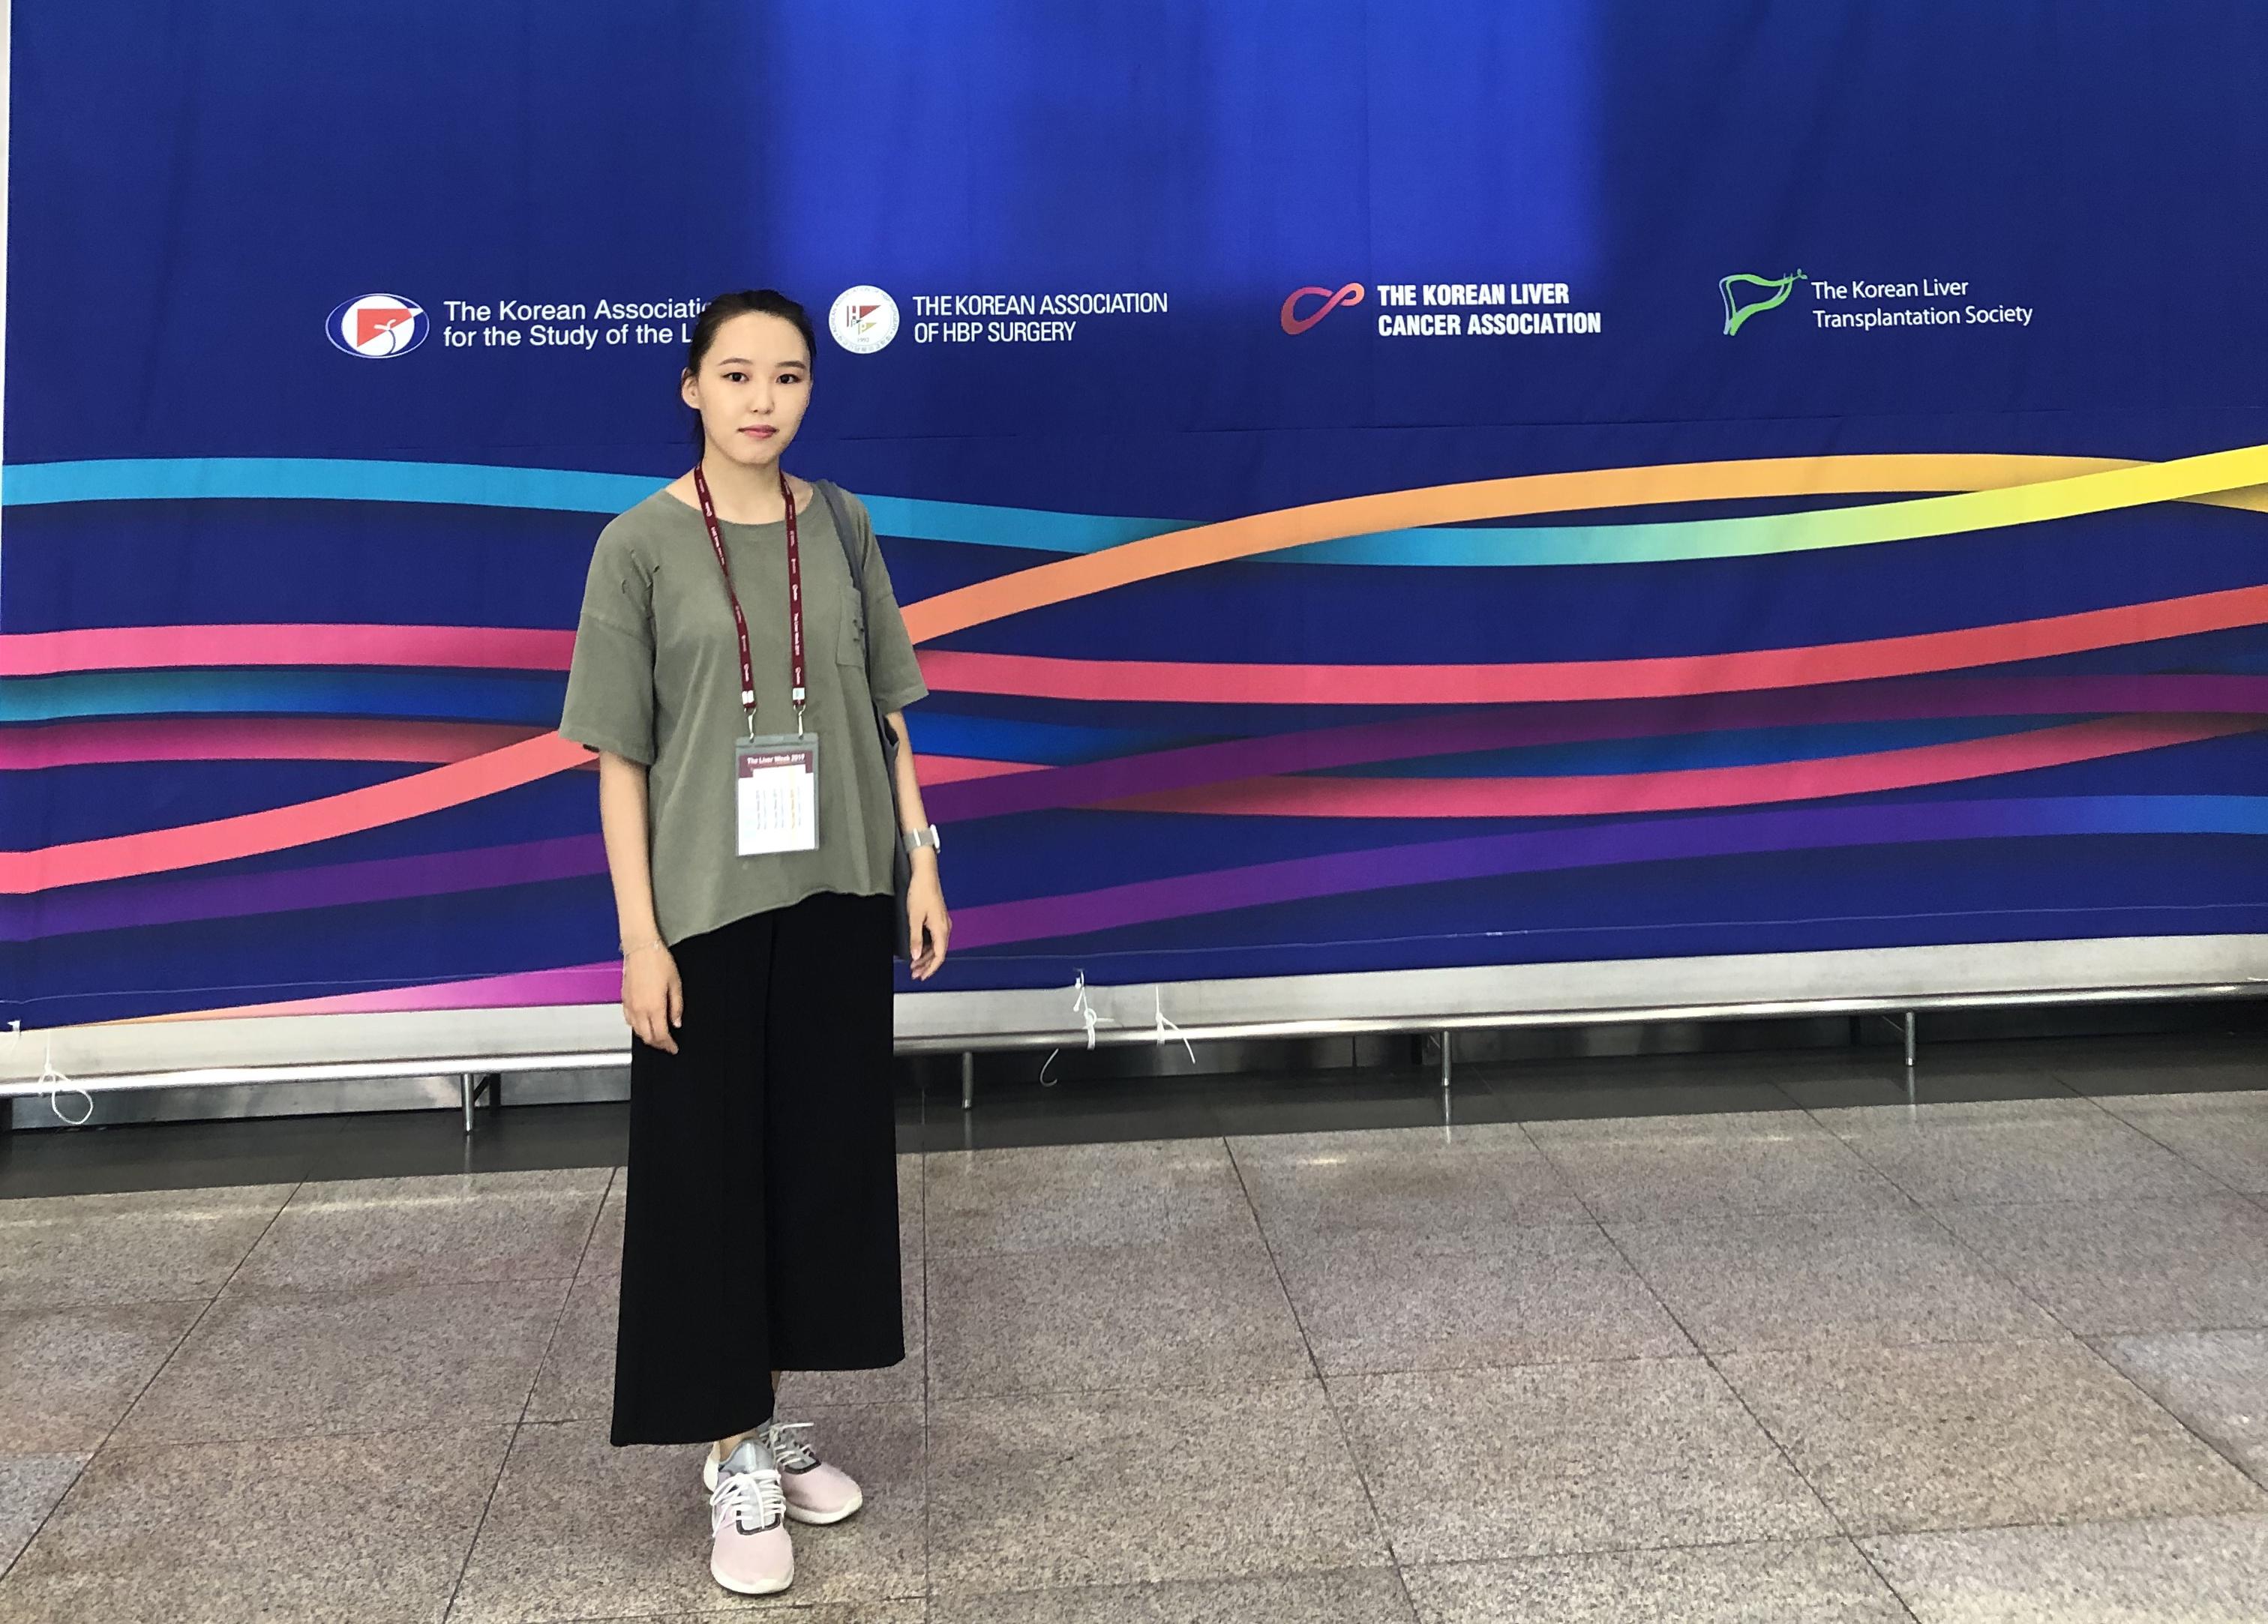 Младший научный сотрудник ОМГ ЯНЦ КМП Дьяконова Александра Тимофеевна представила постерный доклад на «The Liver Week 2019»